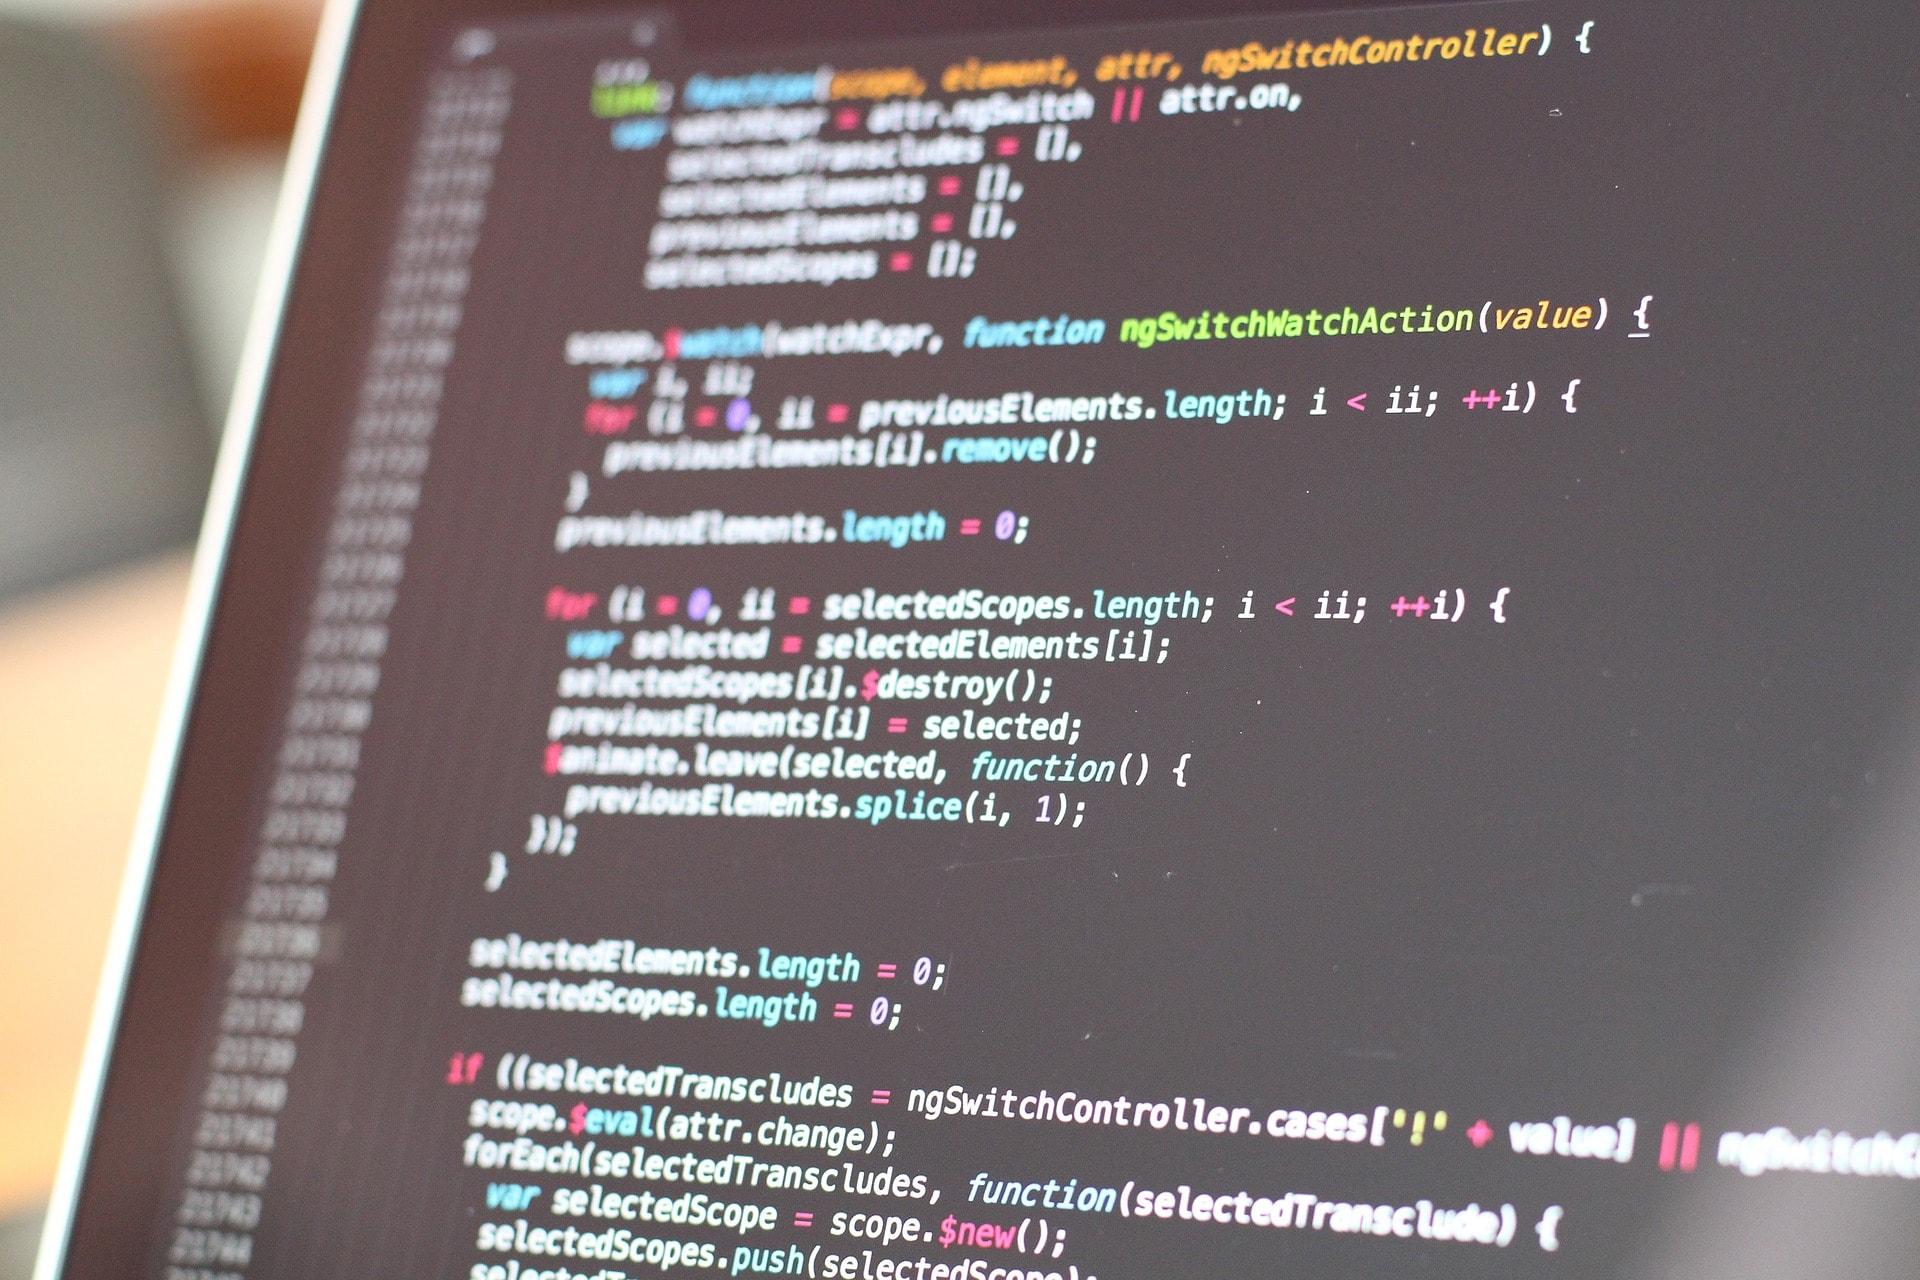 ICT werk je dan alleen met computers?